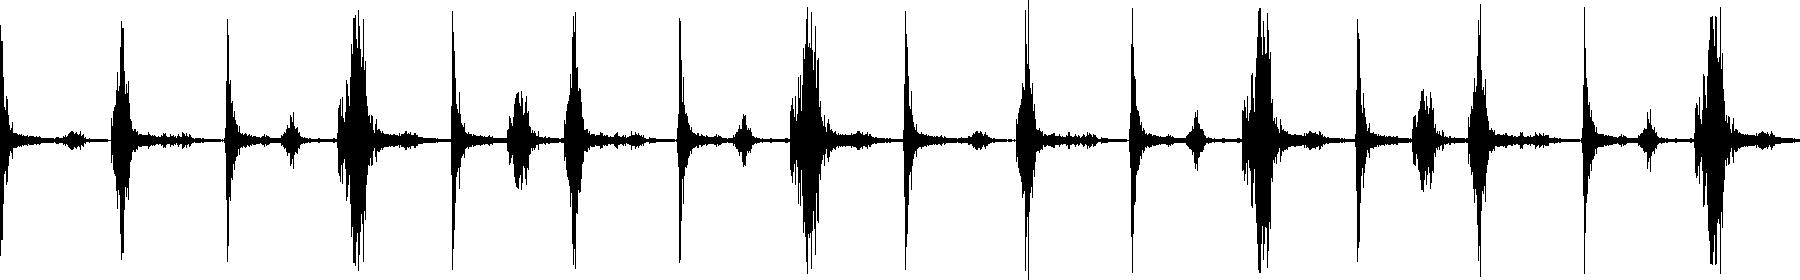 ehp percloop 130 05